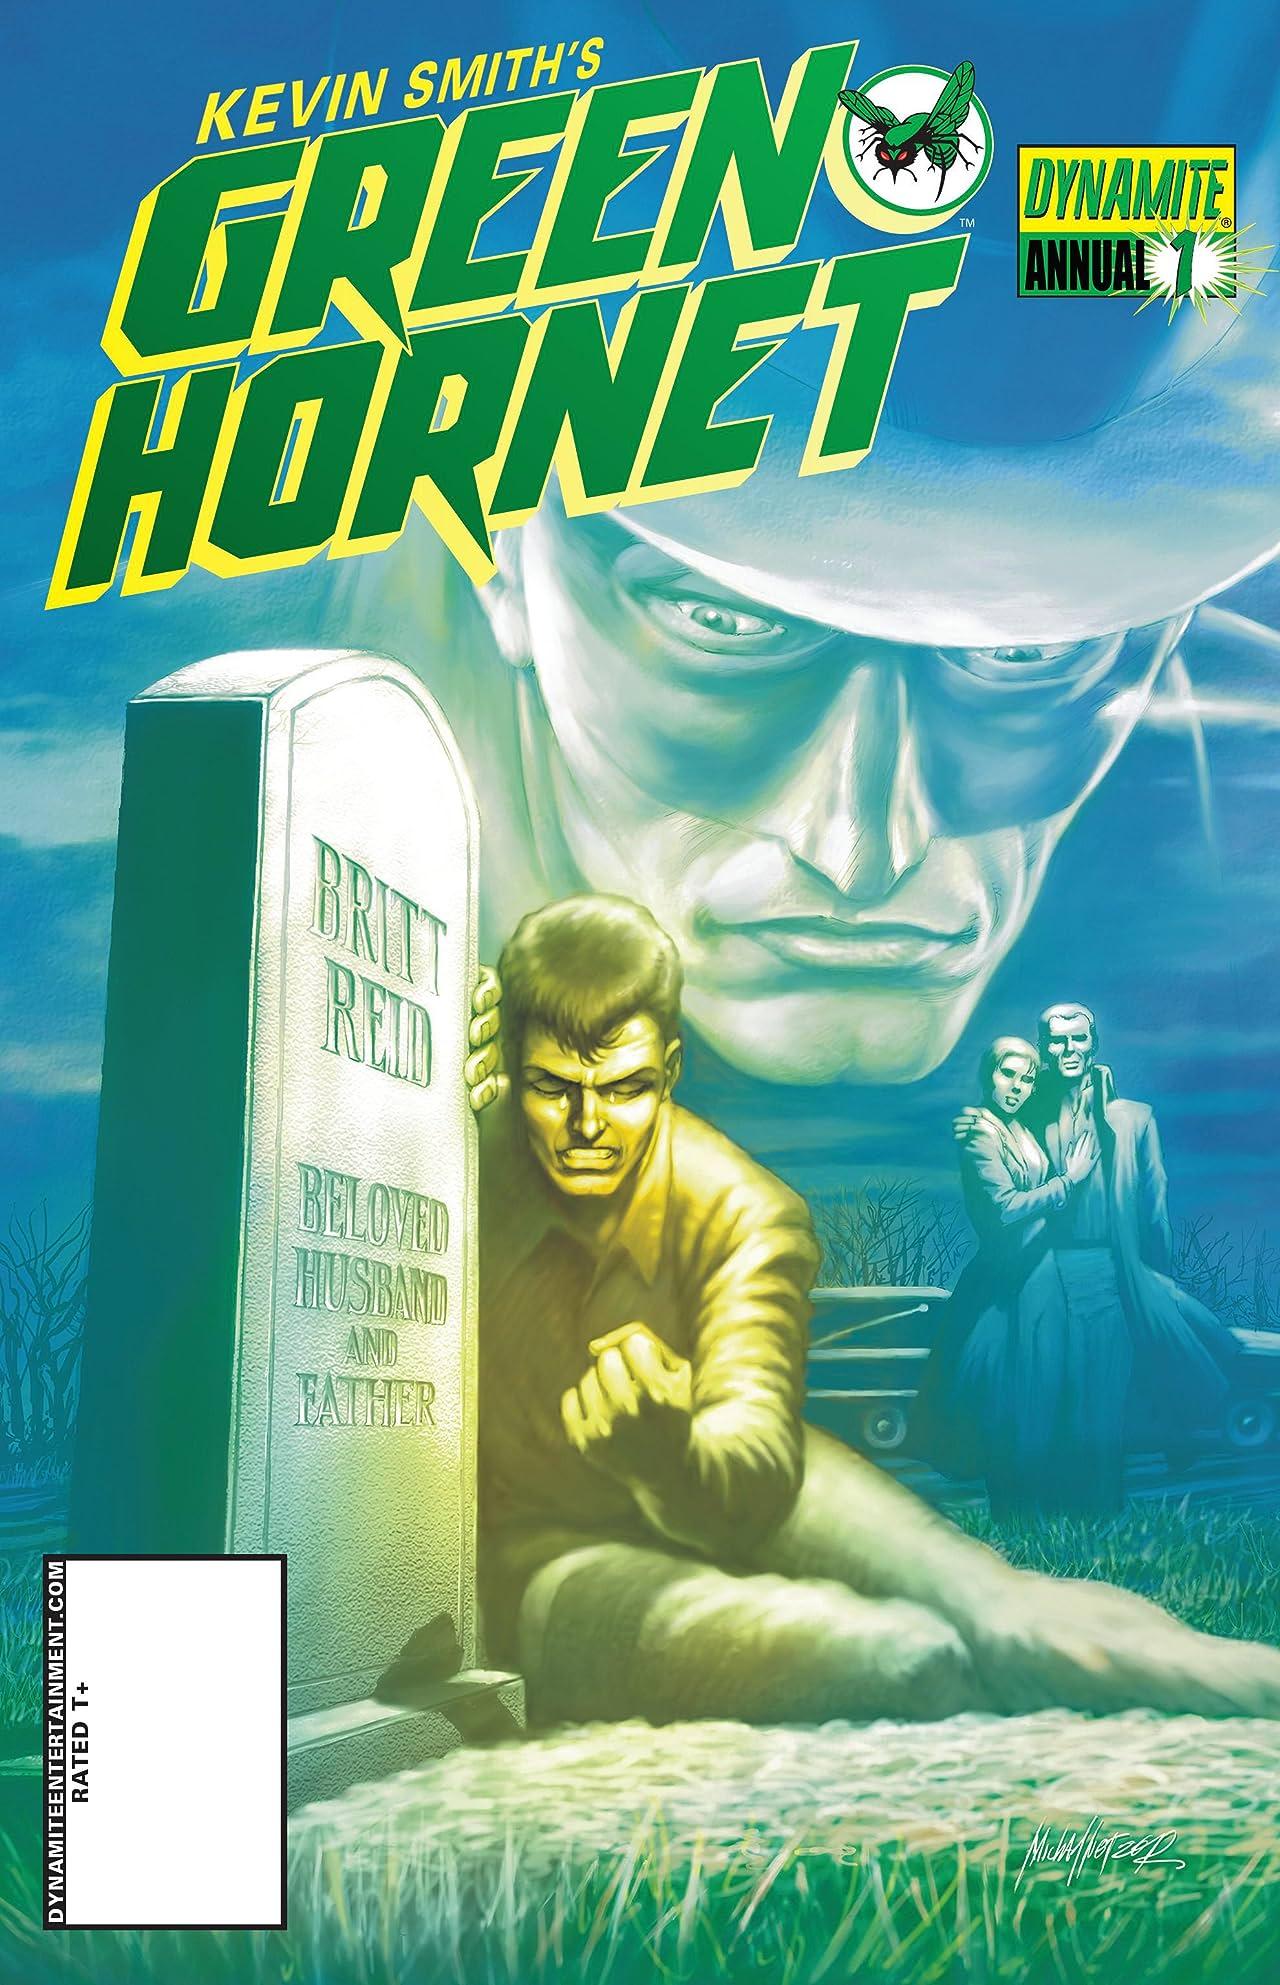 Green Hornet: Annual #1